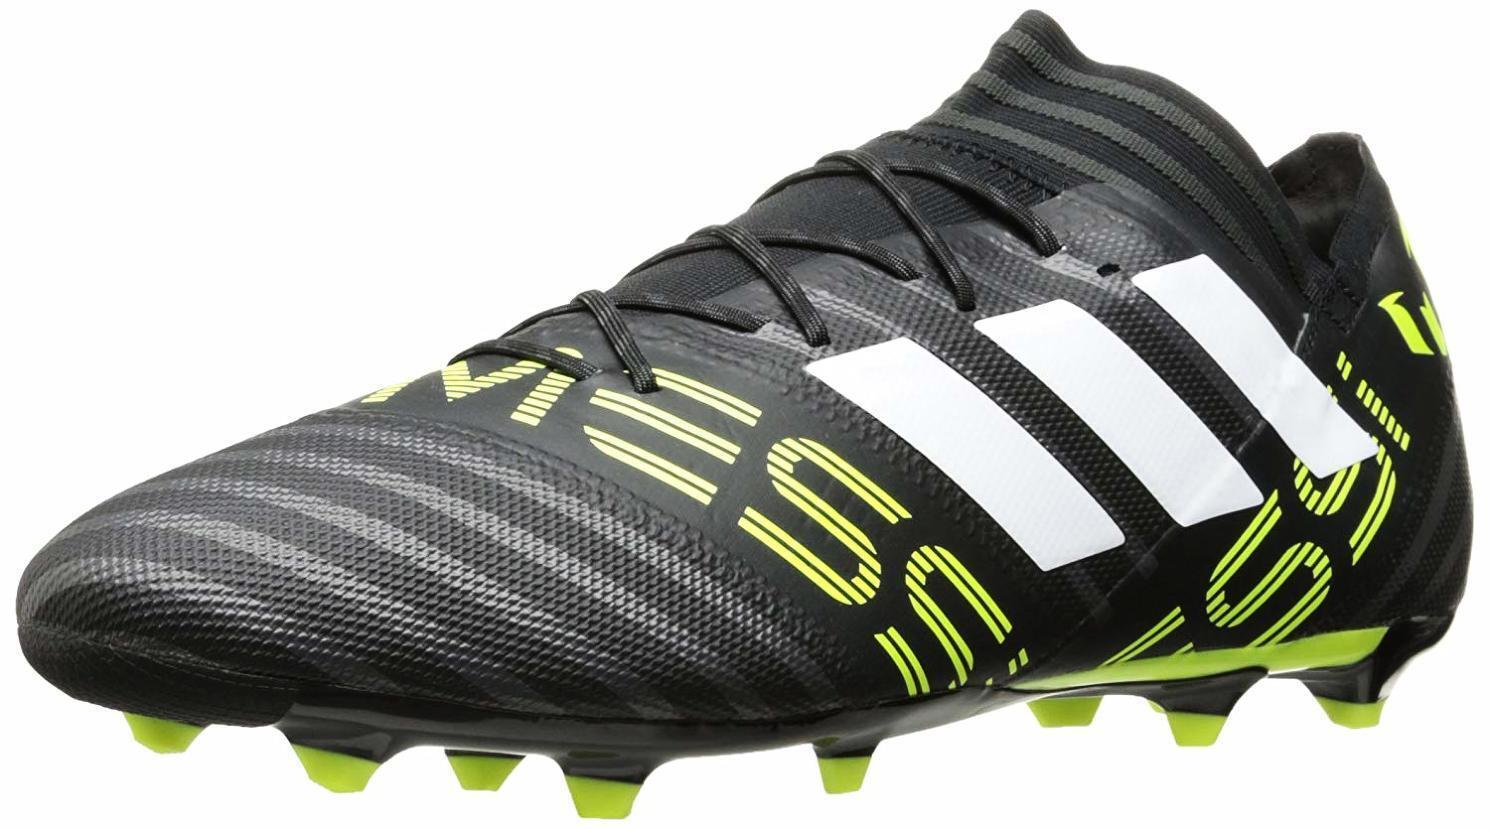 Adidas Originals Men's Nemeziz Messi  17.2 Firm Ground Cleats Soccer scarpe  Prezzo al piano